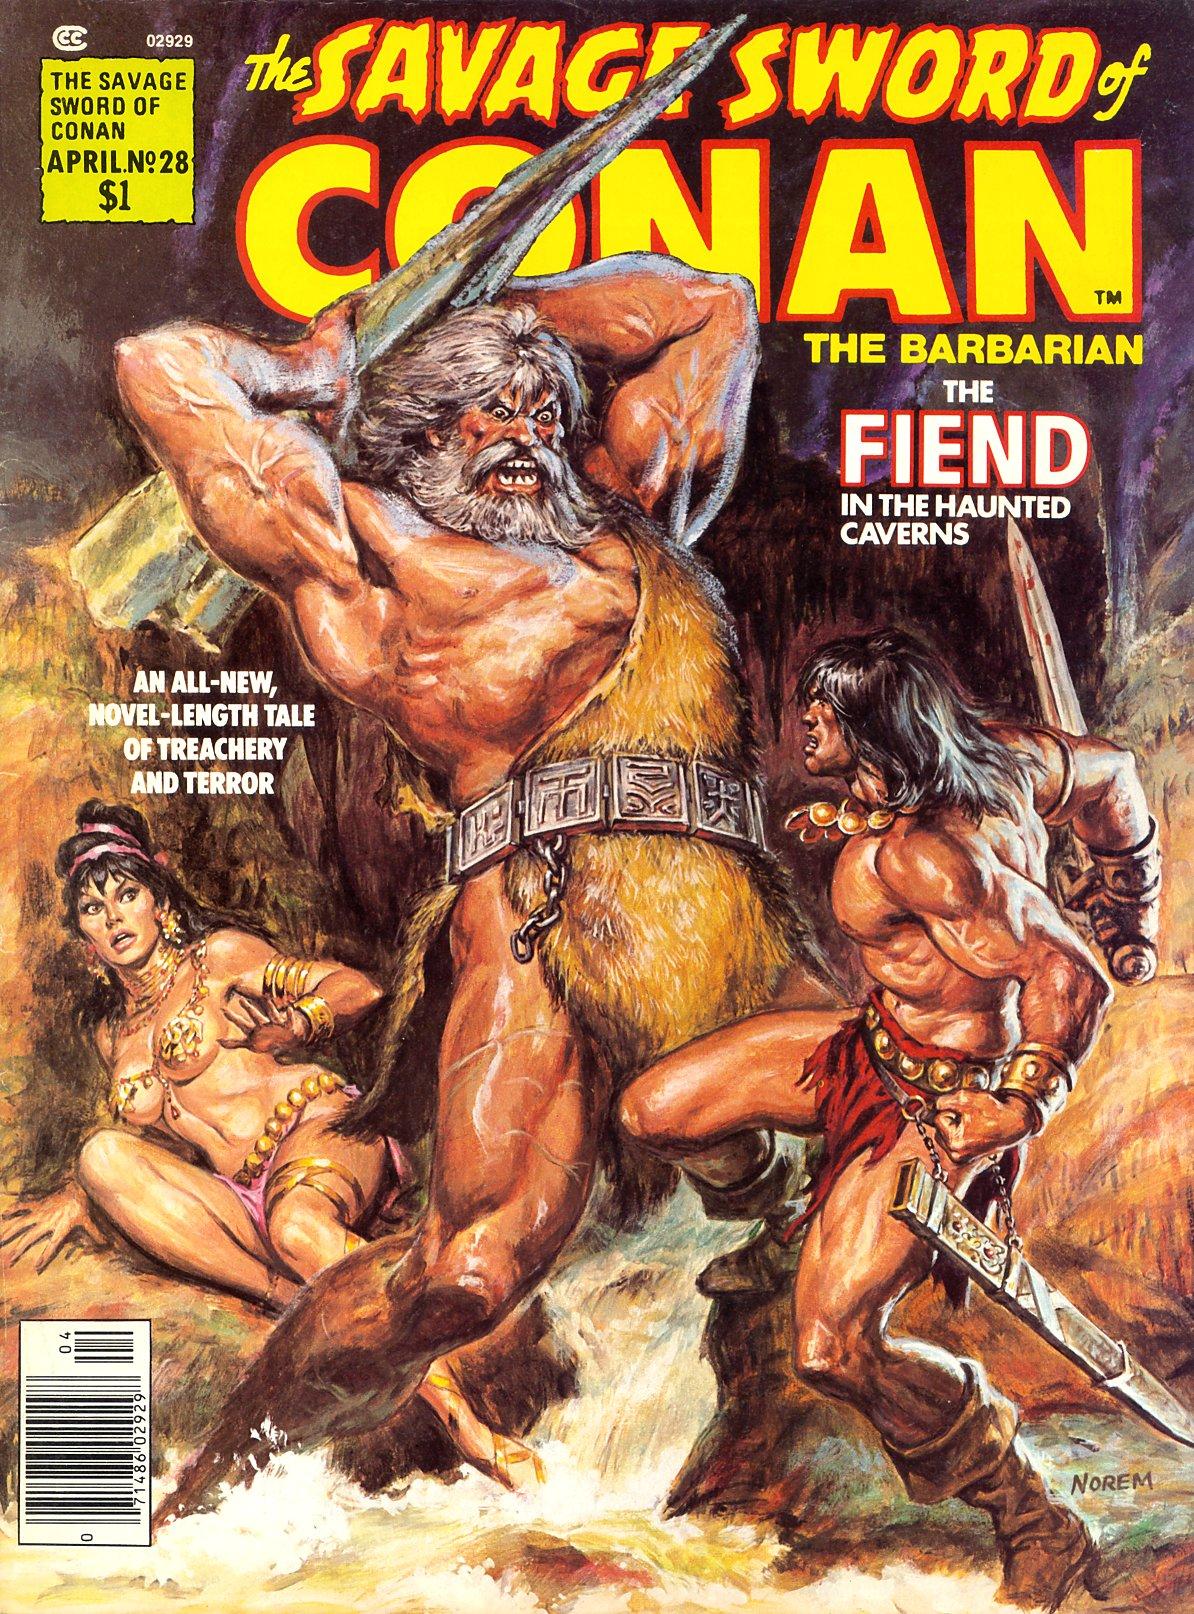 The Savage Swoed of Conan #28 publicada em 1978, uma das muitas capas produzidas por Earl Noren para o personagem criado por Robert E. Howard